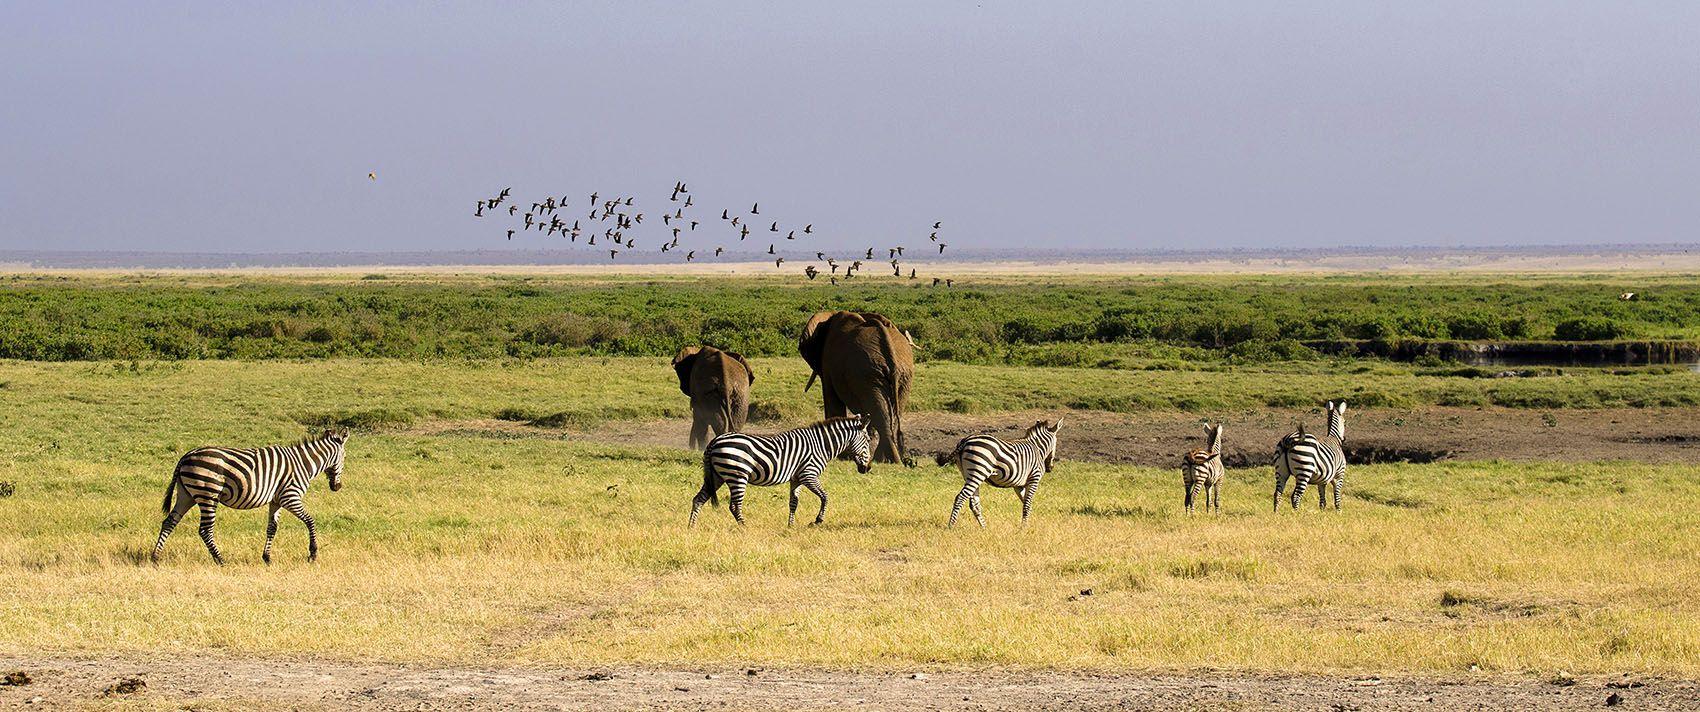 саванна, пустыня, слоны, зебры, Марина Мудрова